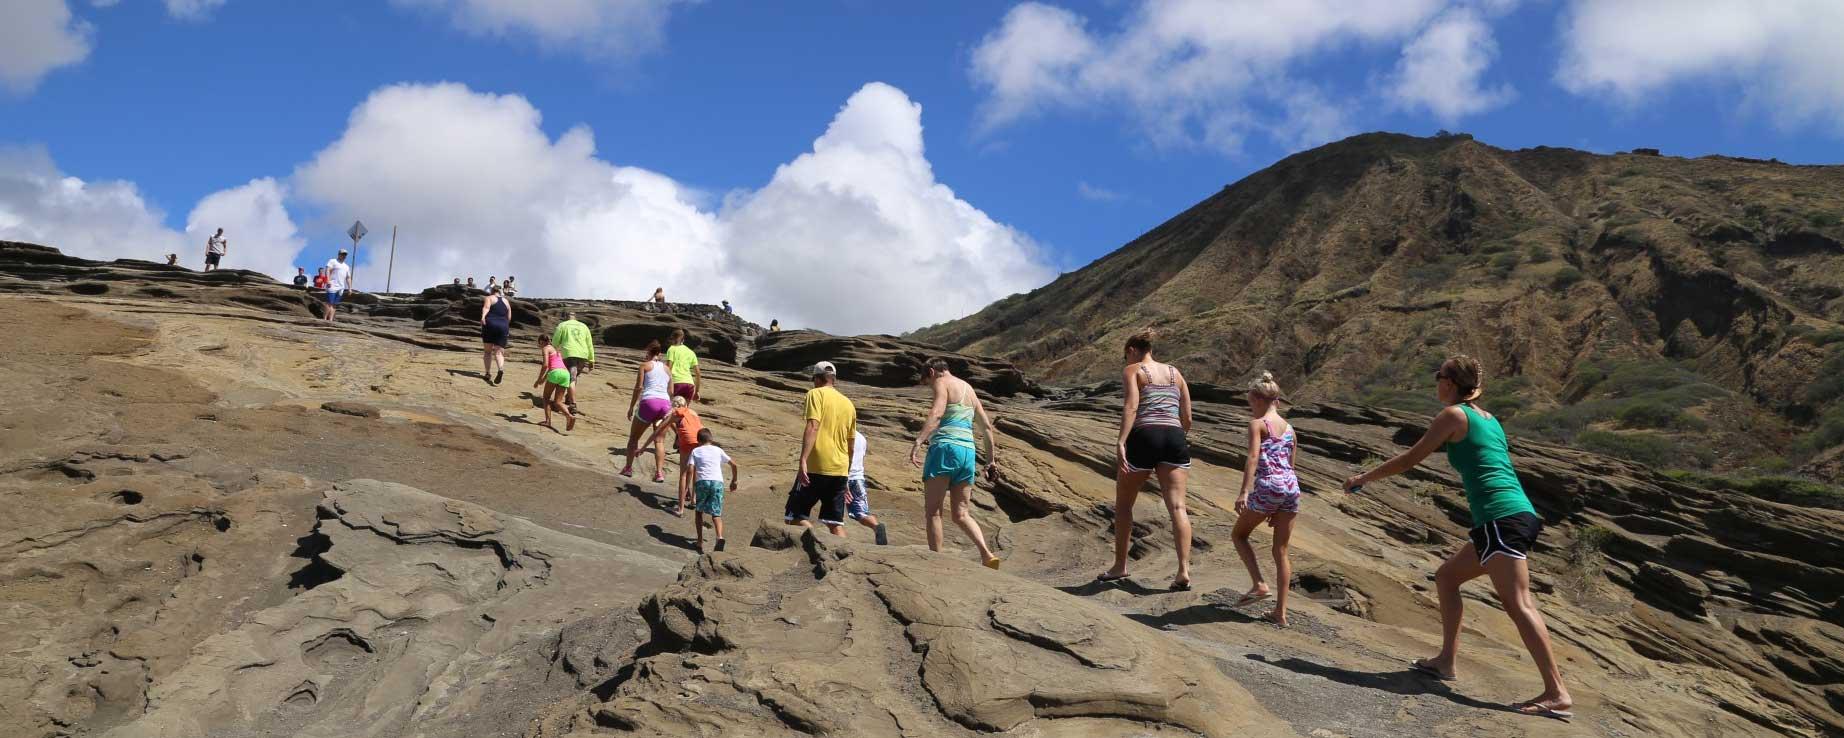 Hawaii Viajes Diversión. com - Mejores Hawaii Paquetes de vacaciones Viajes